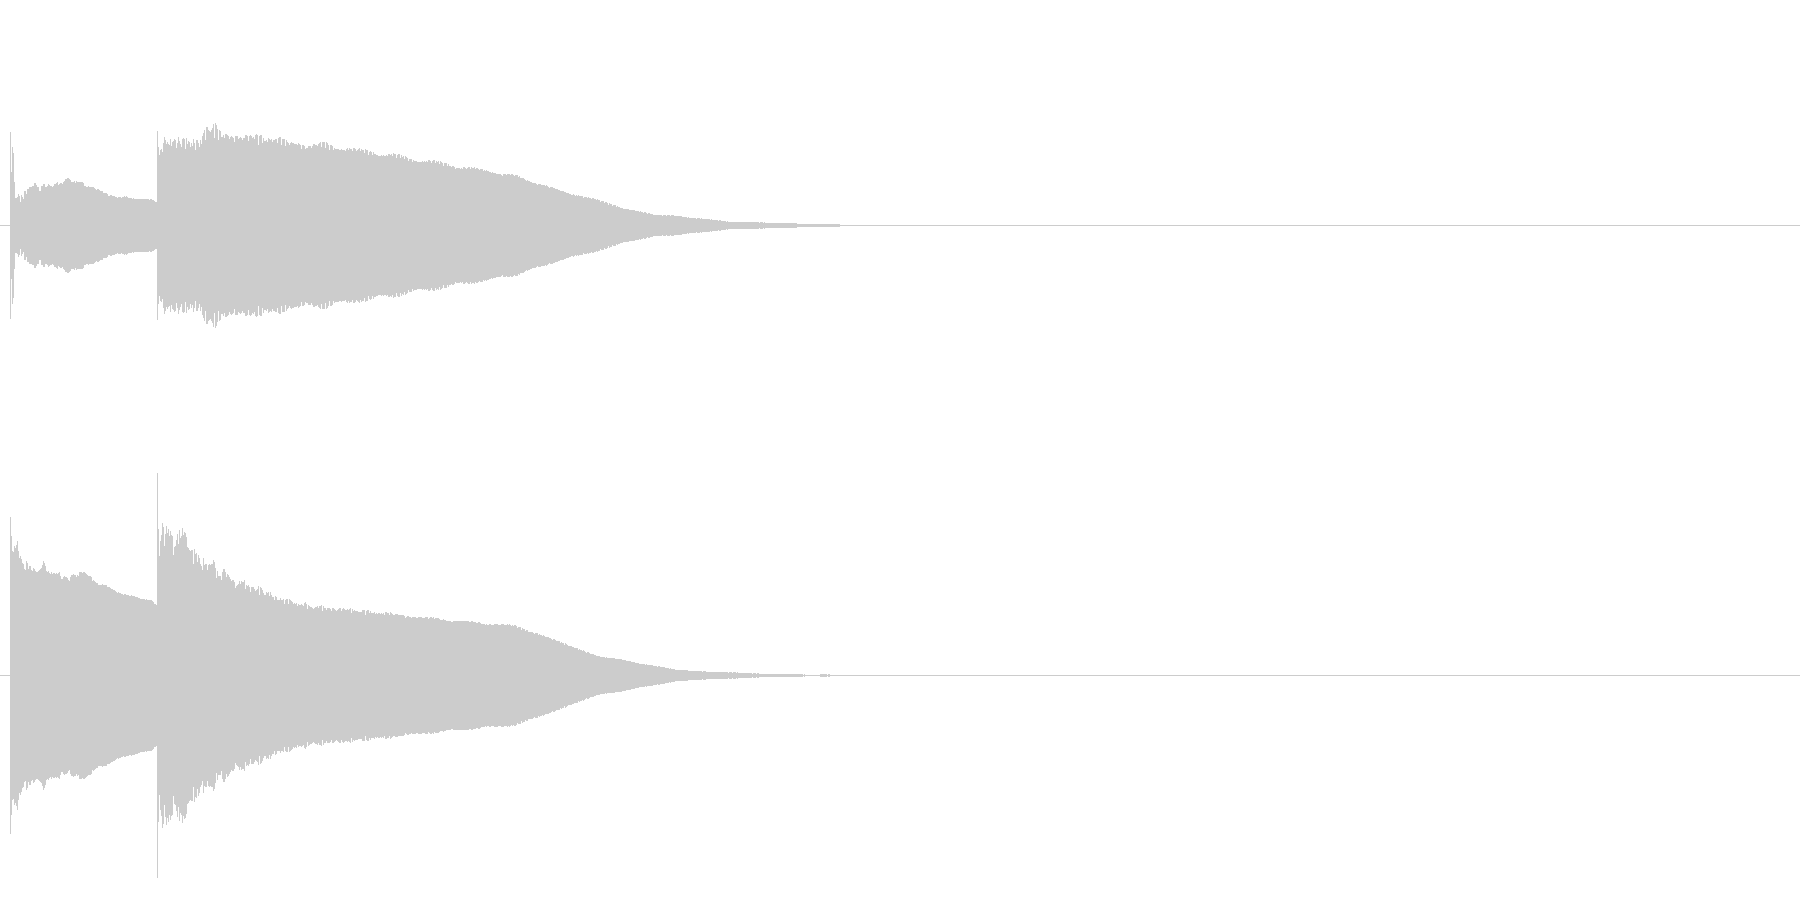 グロッケン系 決定音05(小)の未再生の波形